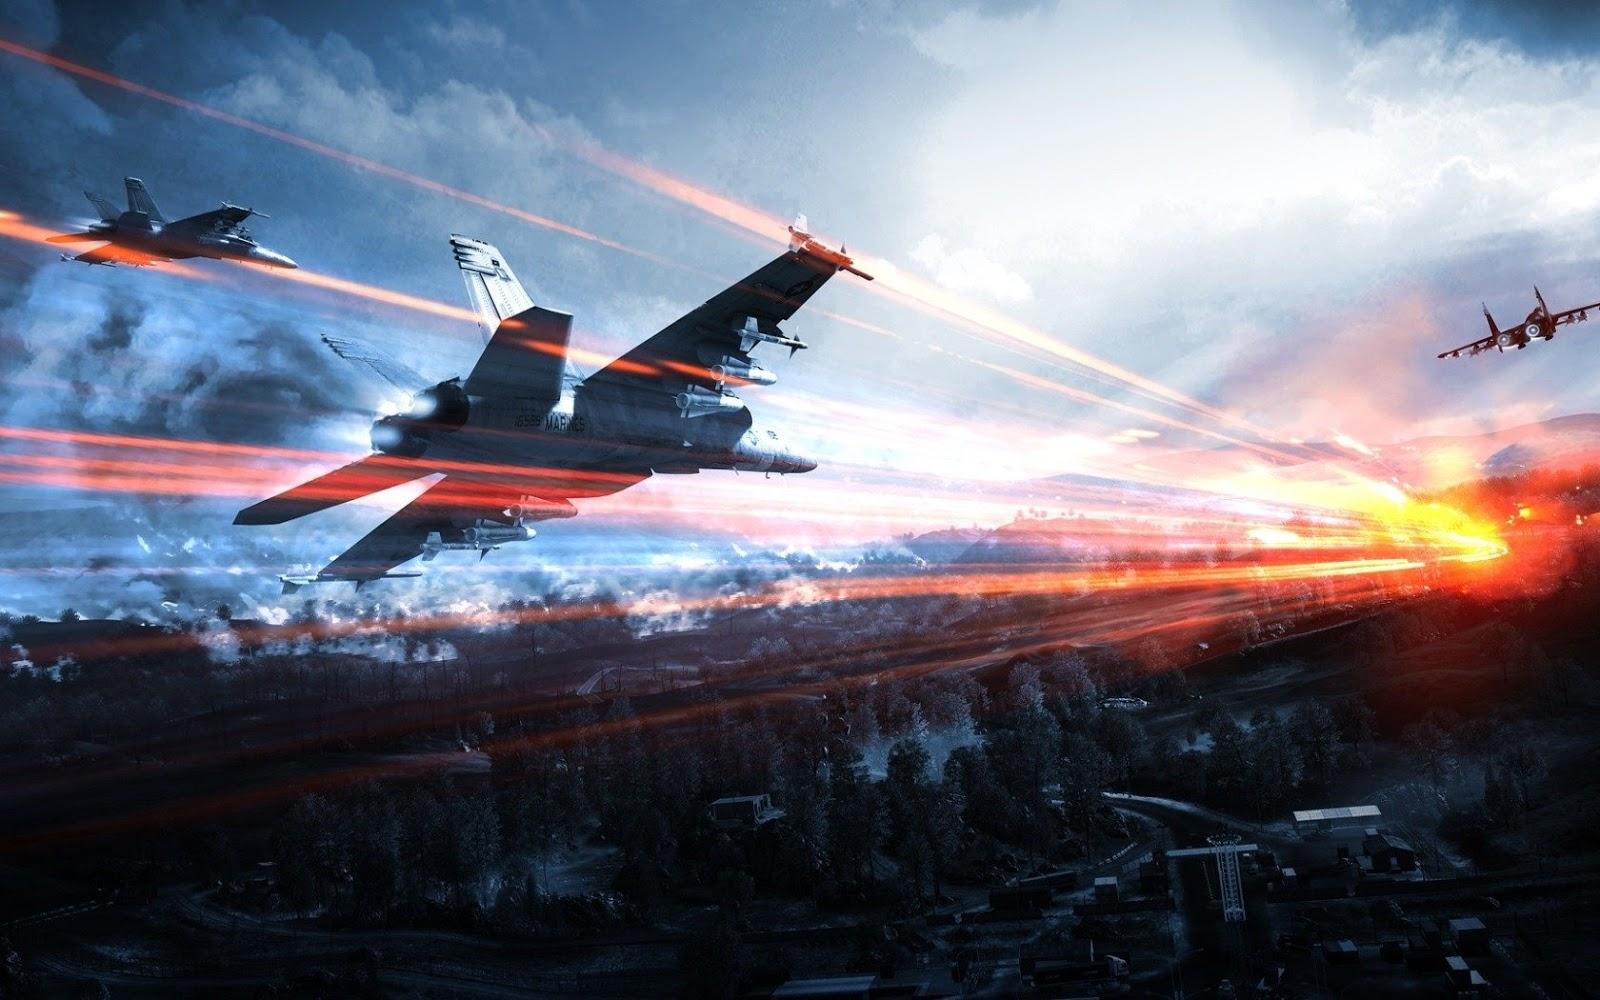 http://1.bp.blogspot.com/-Y8l8z2H2woE/TrvesMNZljI/AAAAAAAAEUY/qmZ4tfb-BYU/s1600/Battlefield_3_Fighters_HD_Jet_Wallpaper_Vvallpaper.Net.jpg